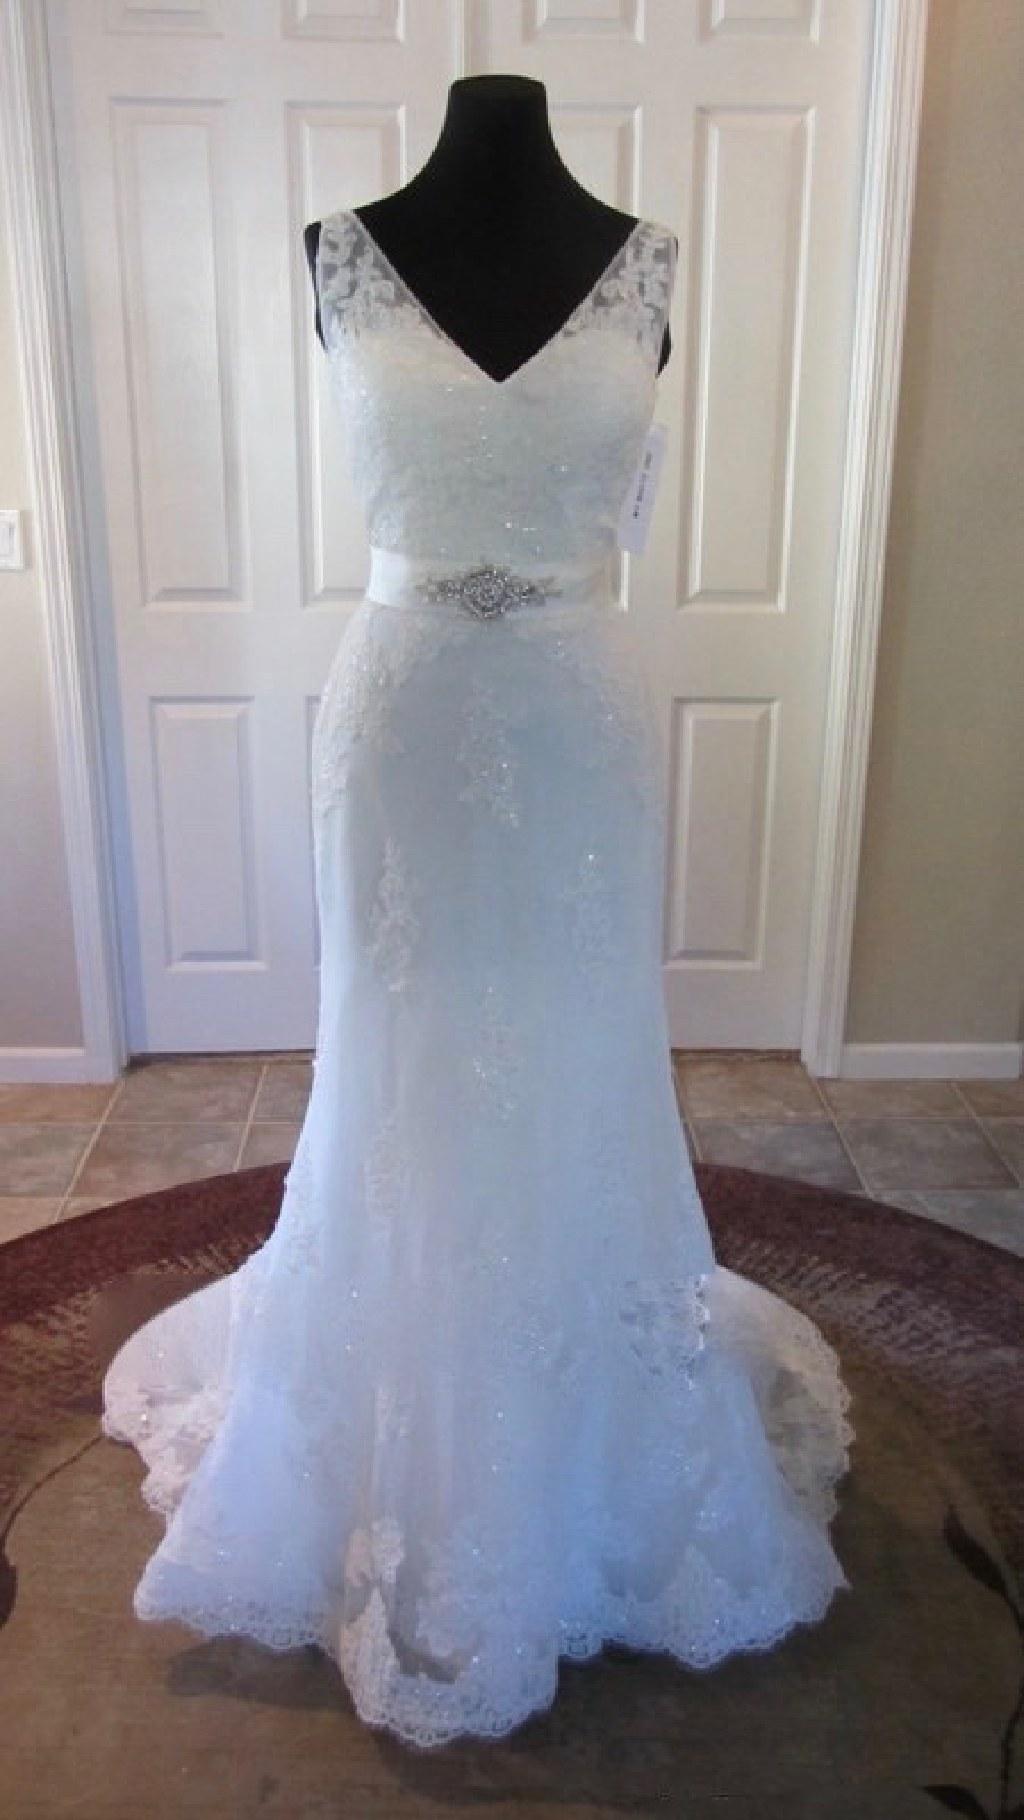 Stephanie's New Lace Sheath Wedding Dress